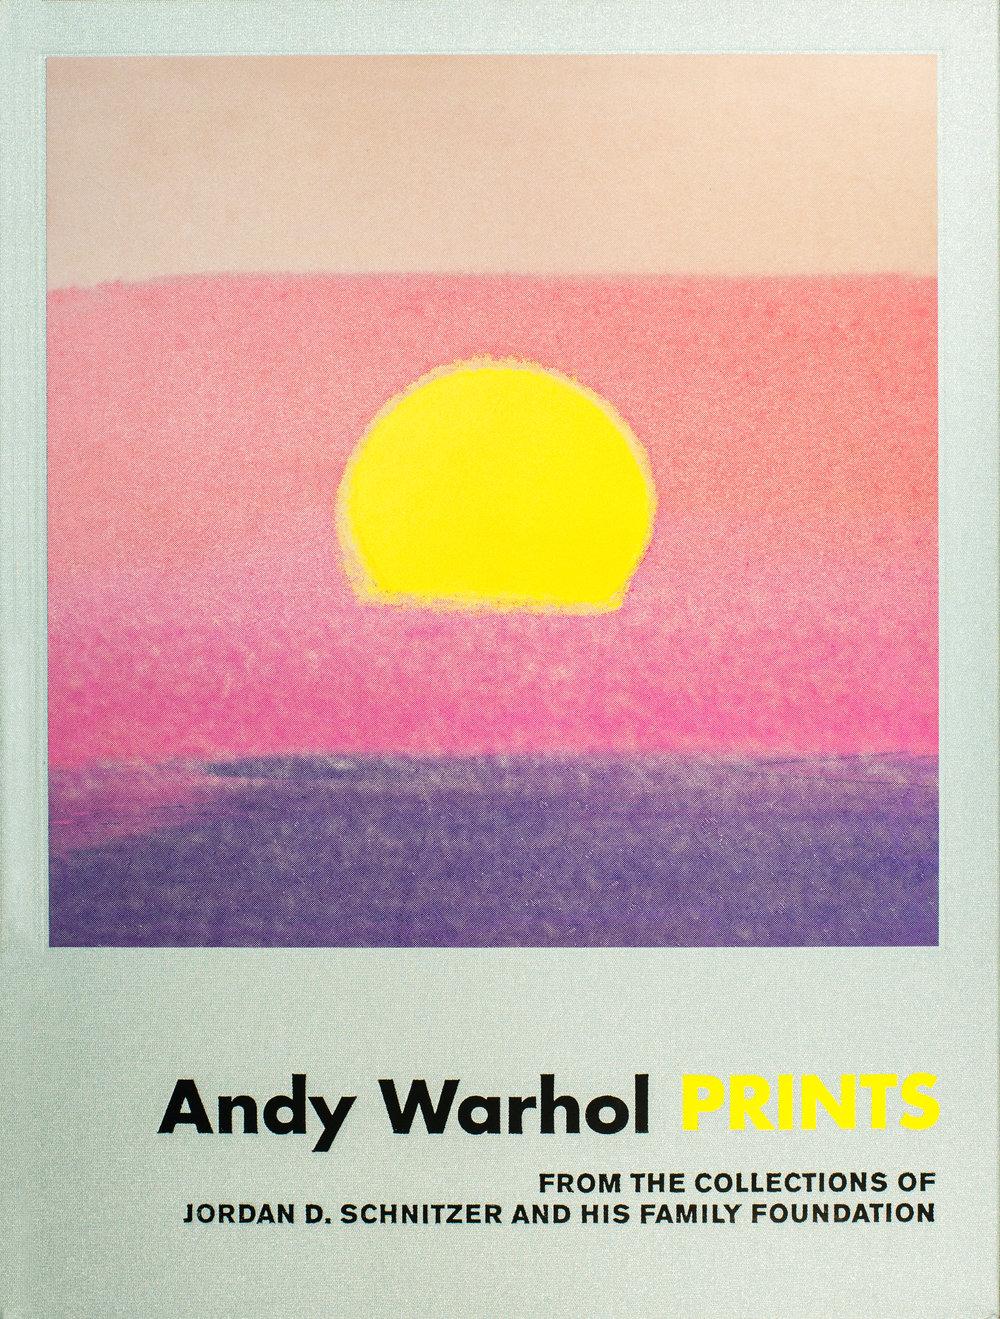 Warhol-book_2016-09-23-5166.jpg